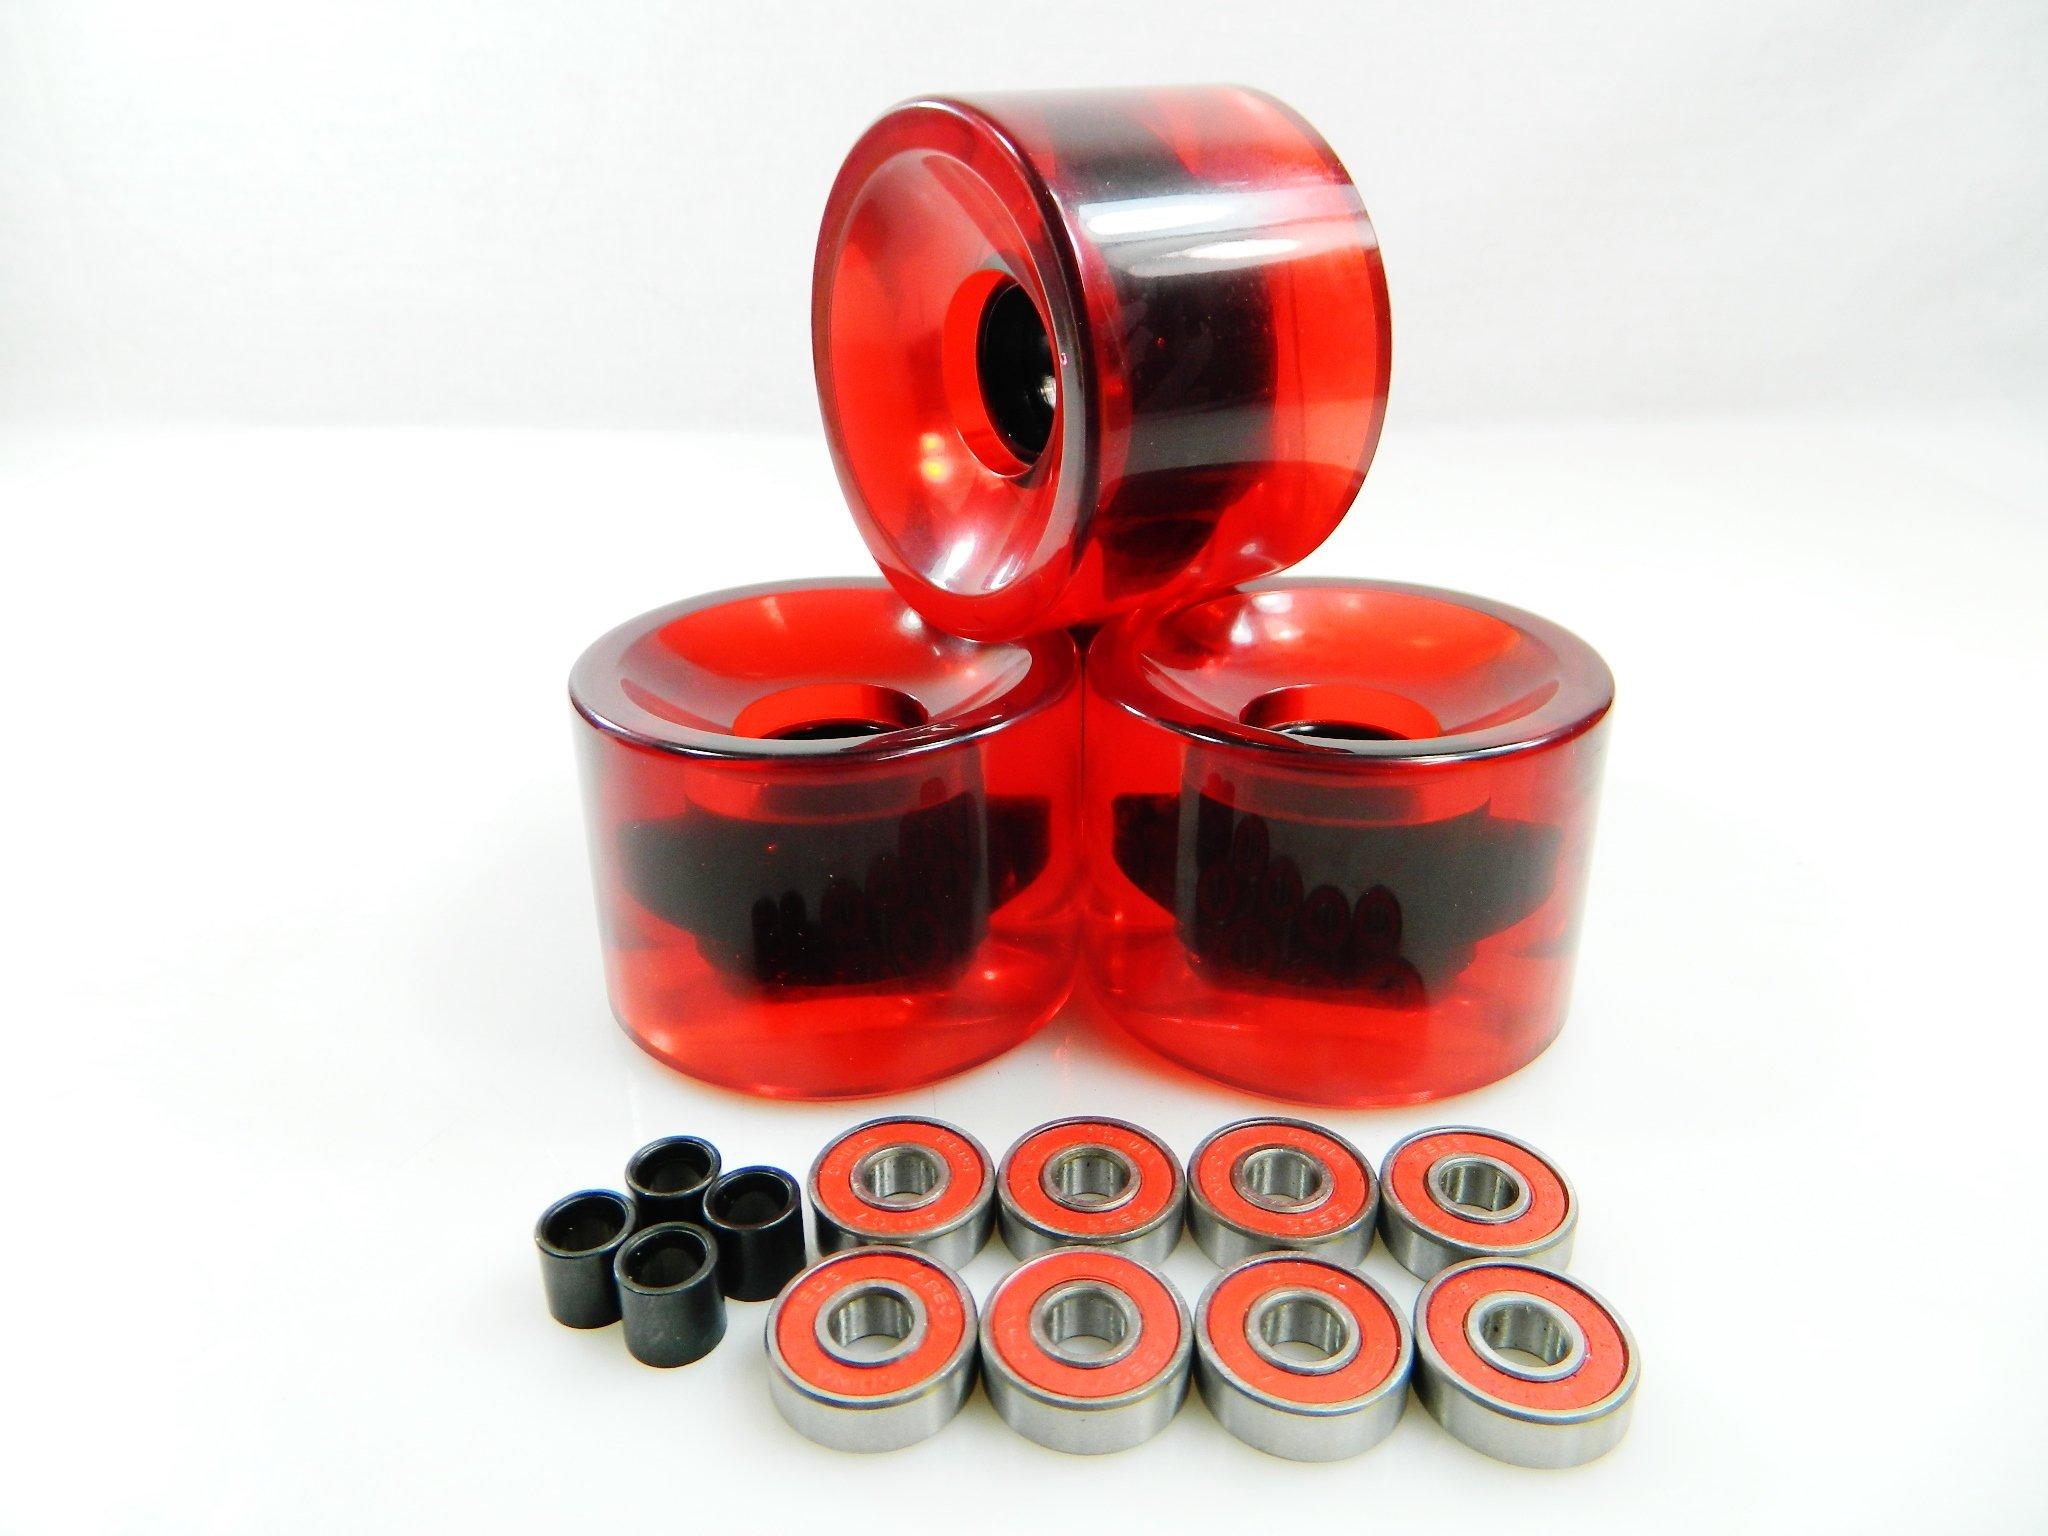 70mm Longboard Skateboard Wheels + ABEC 7 Bearings Spacers (Gel Red) by Blank Wheels